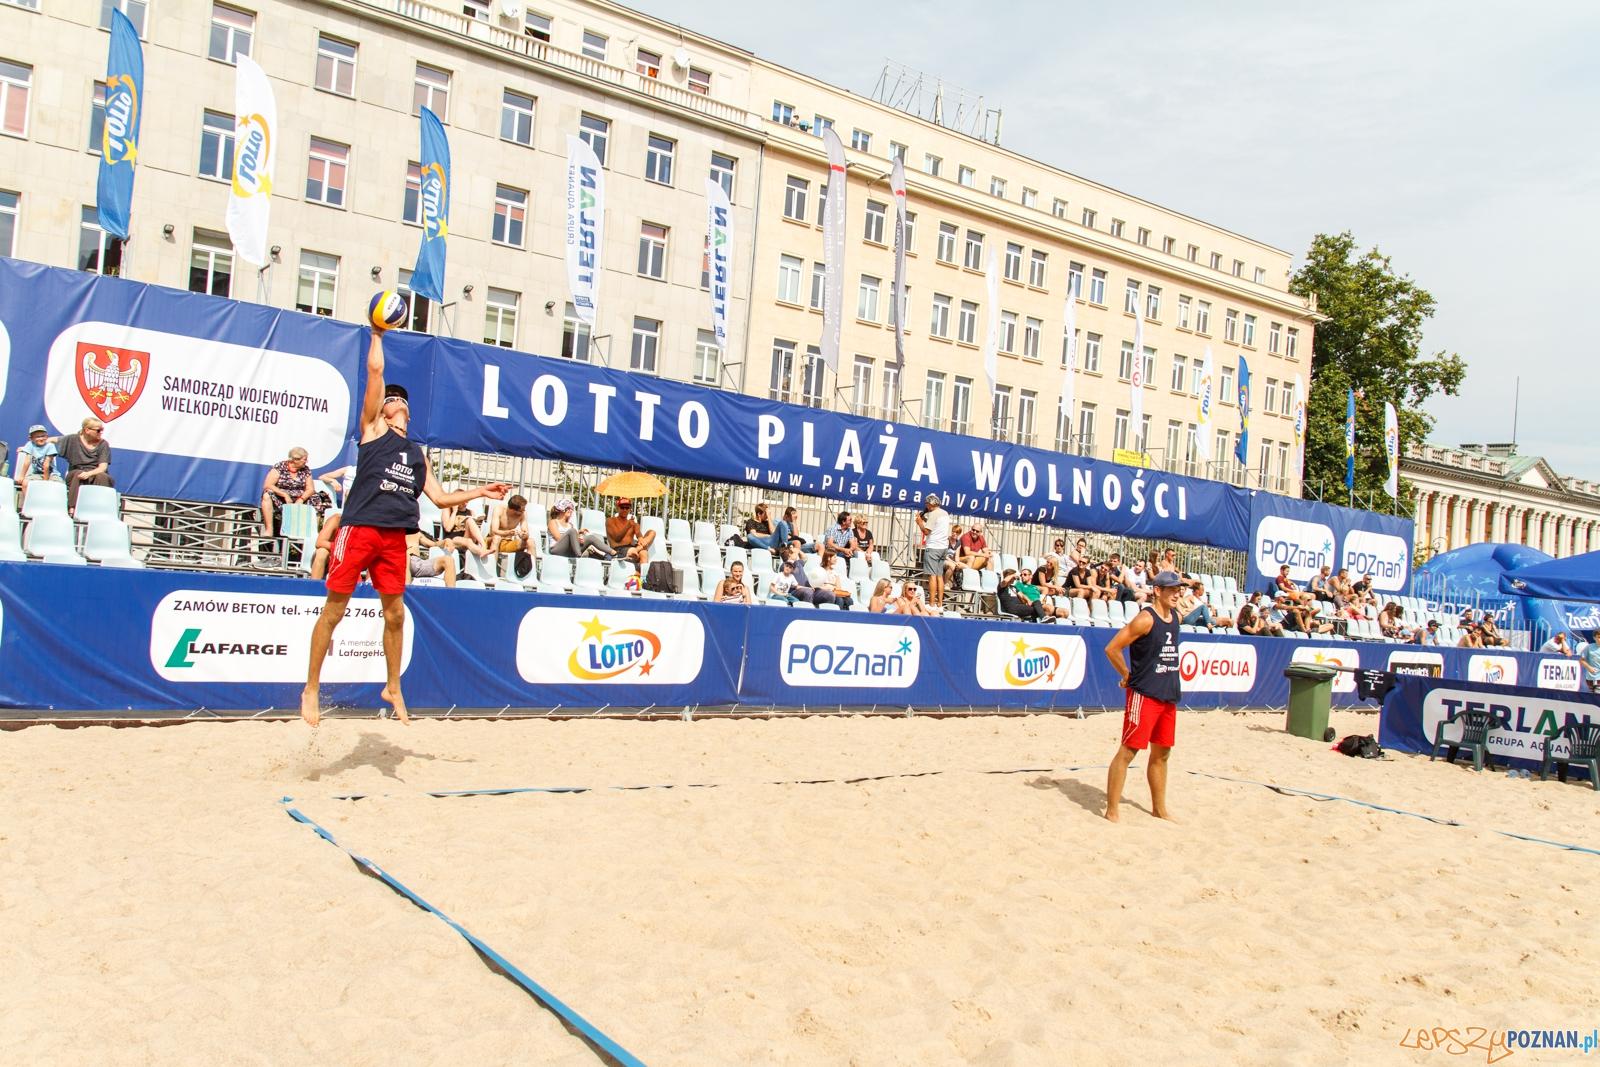 Plaża Wolności - Plac Wolności 20.08.2016 r.  Foto: LepszyPOZNAN.pl / Paweł Rychter